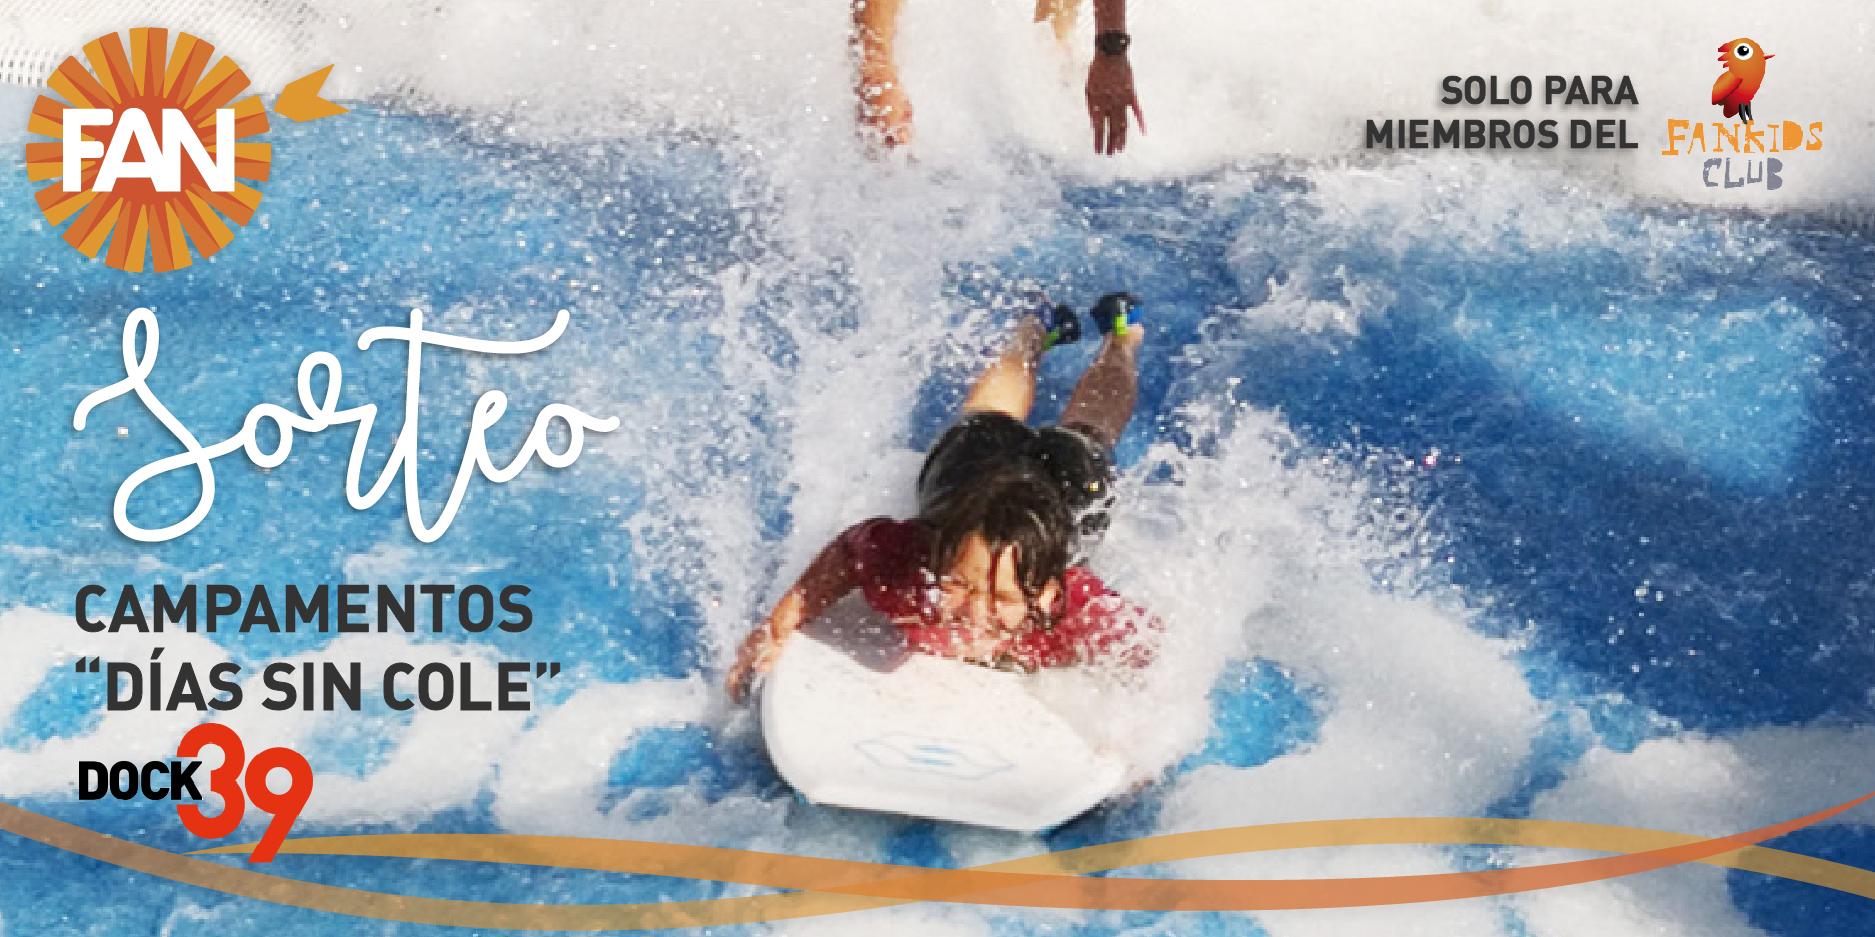 FAN_Sorteo campamentos_Destacada agenda